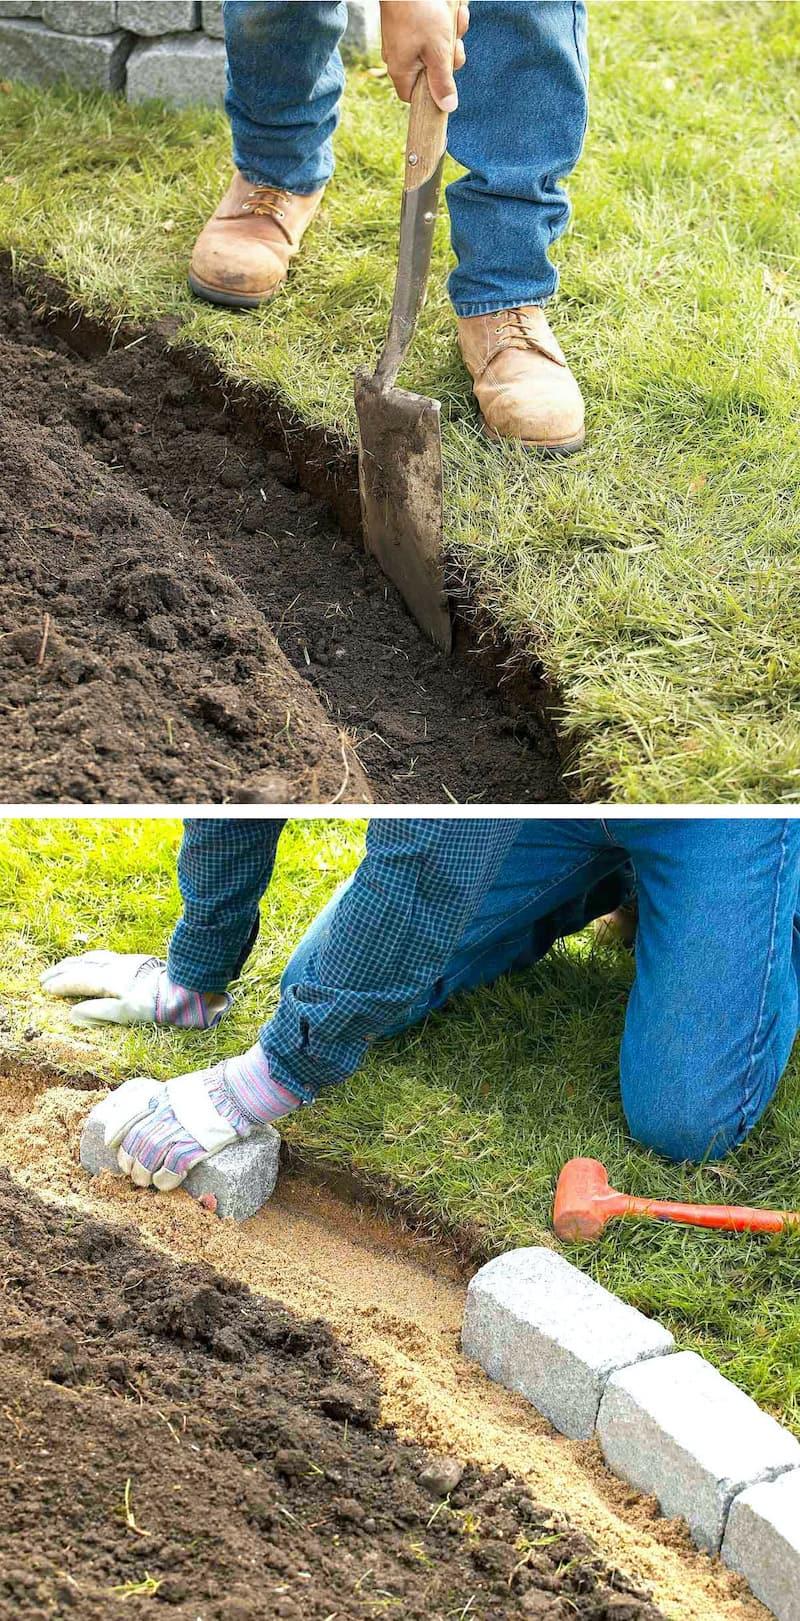 Ограждение для клумб из камня выполняется в три этапа: 1 – рытье траншеи, 2 – подсыпка (трамбовка), 3 – укладка камней